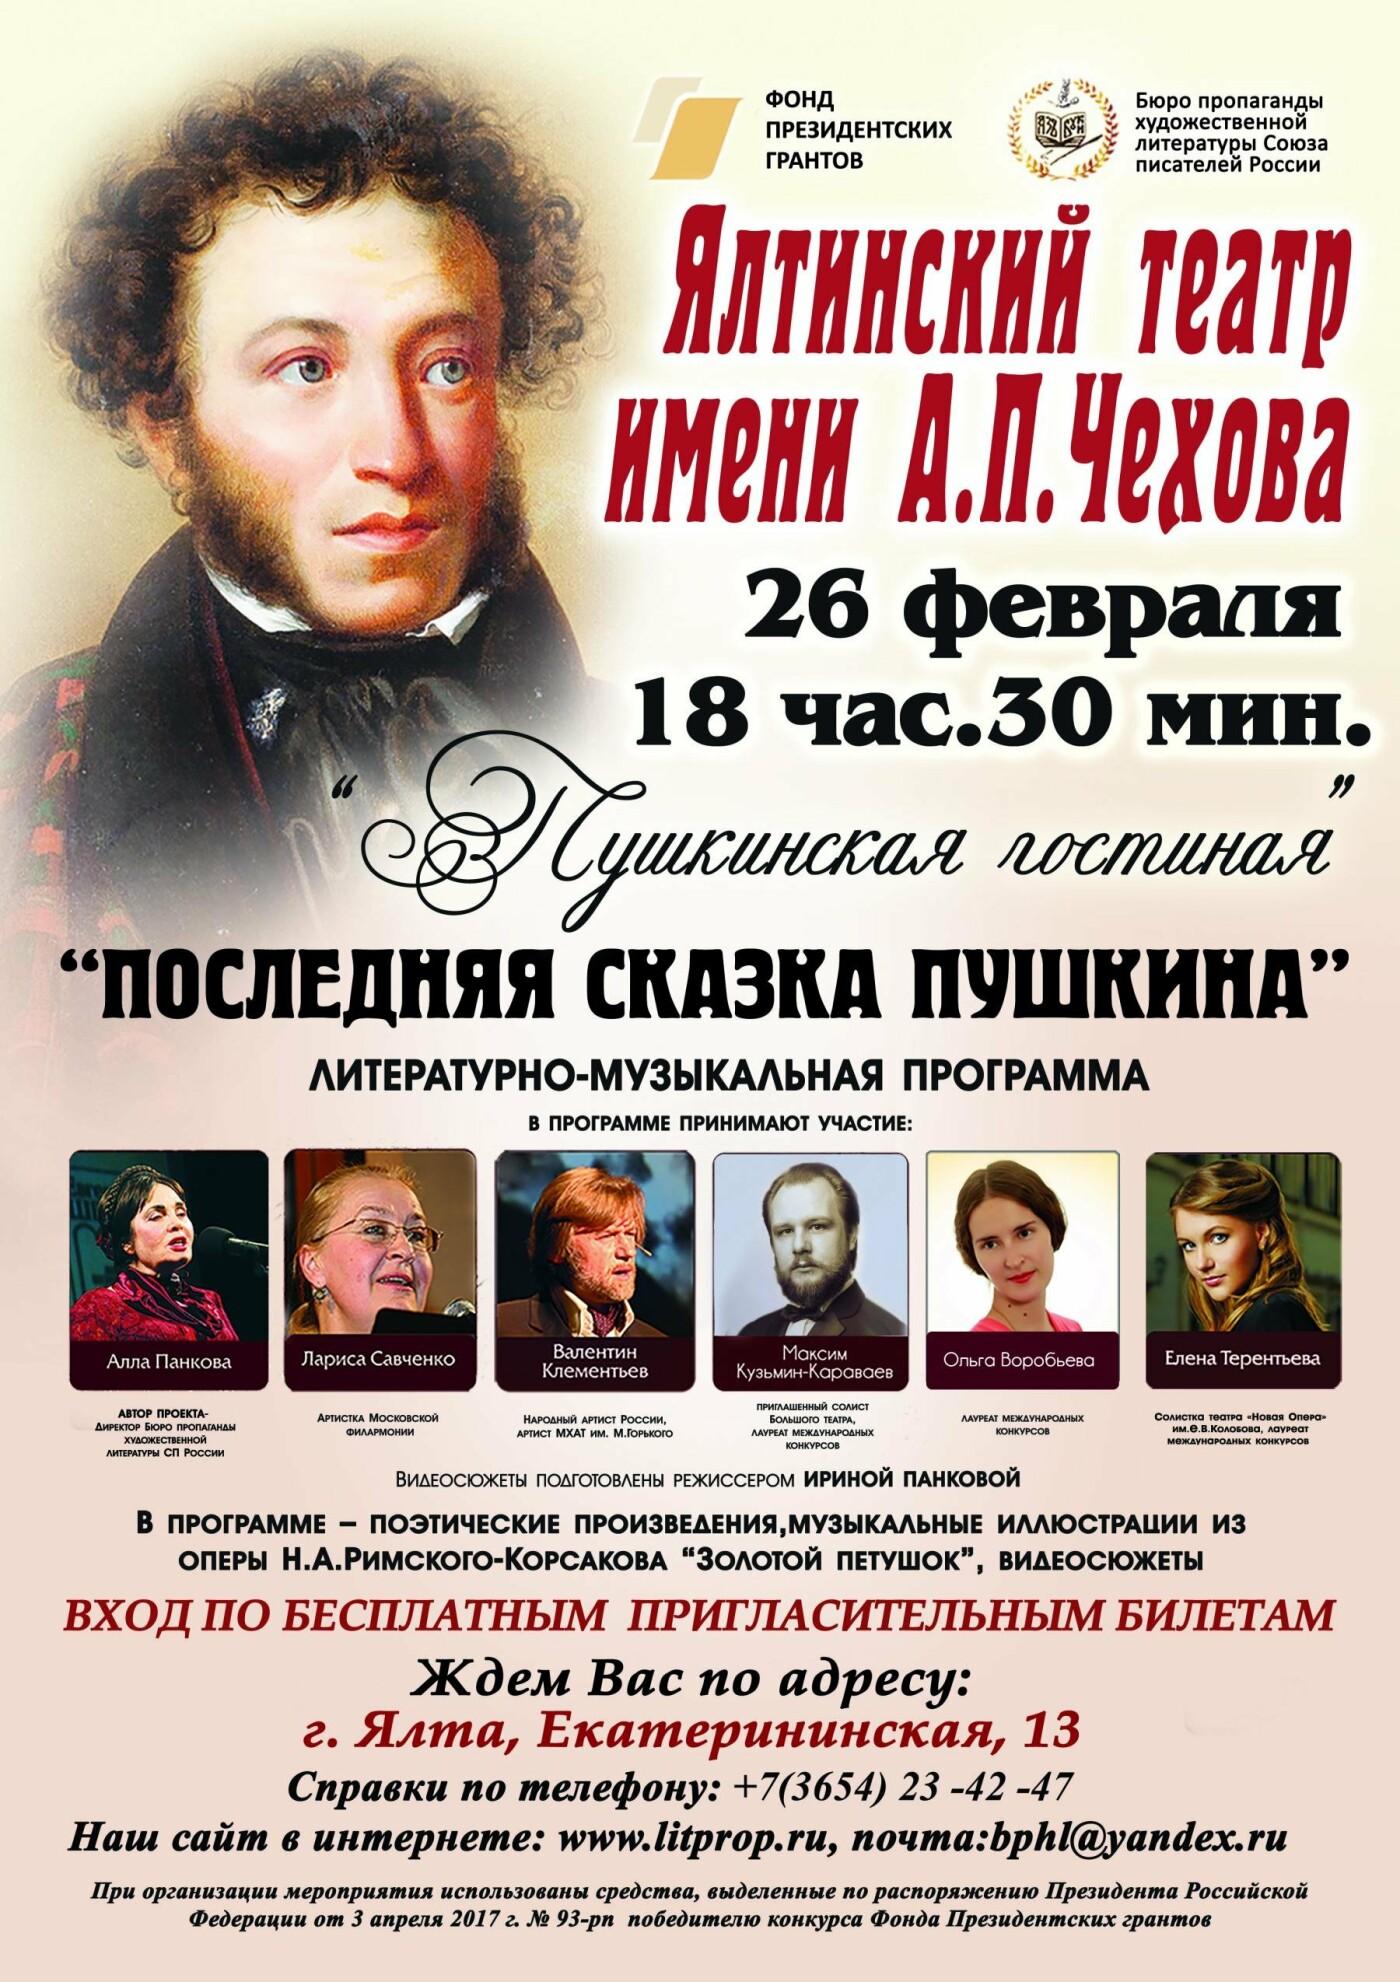 В Ялтинском театре Чехова будут читать Пушкина, фото-1